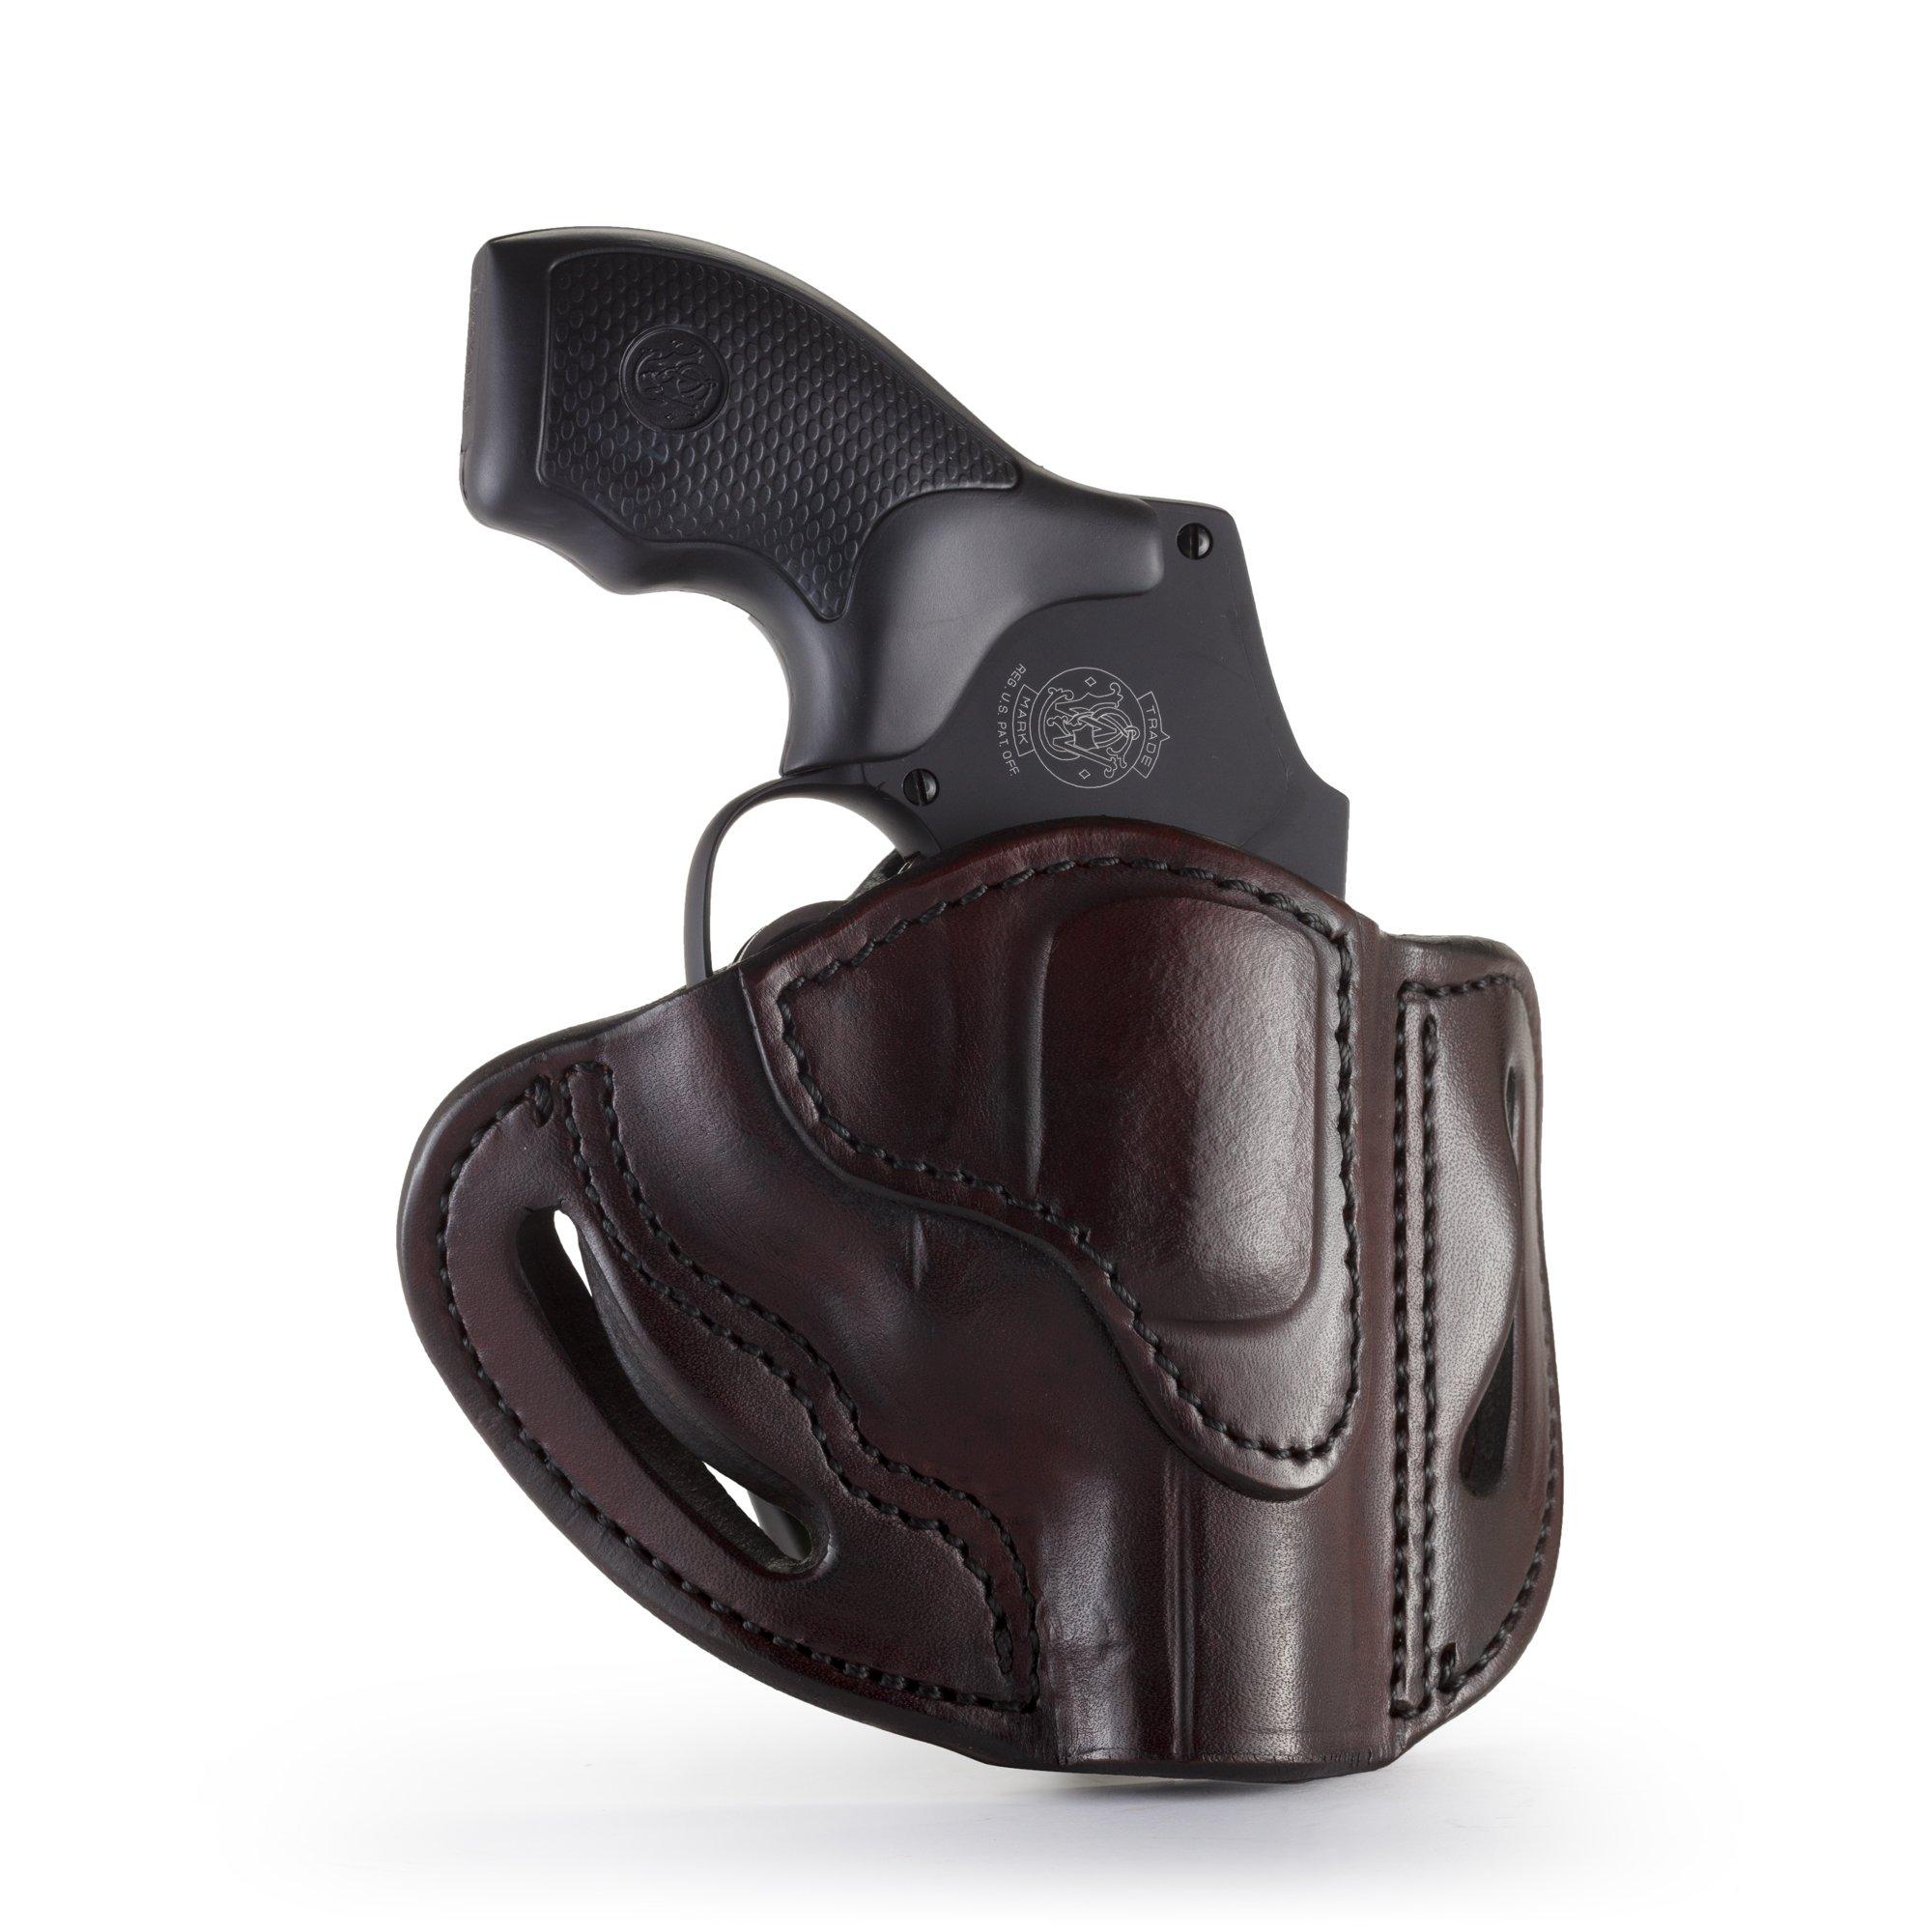 1791 GUNLEATHER J Frame Revolver Holster